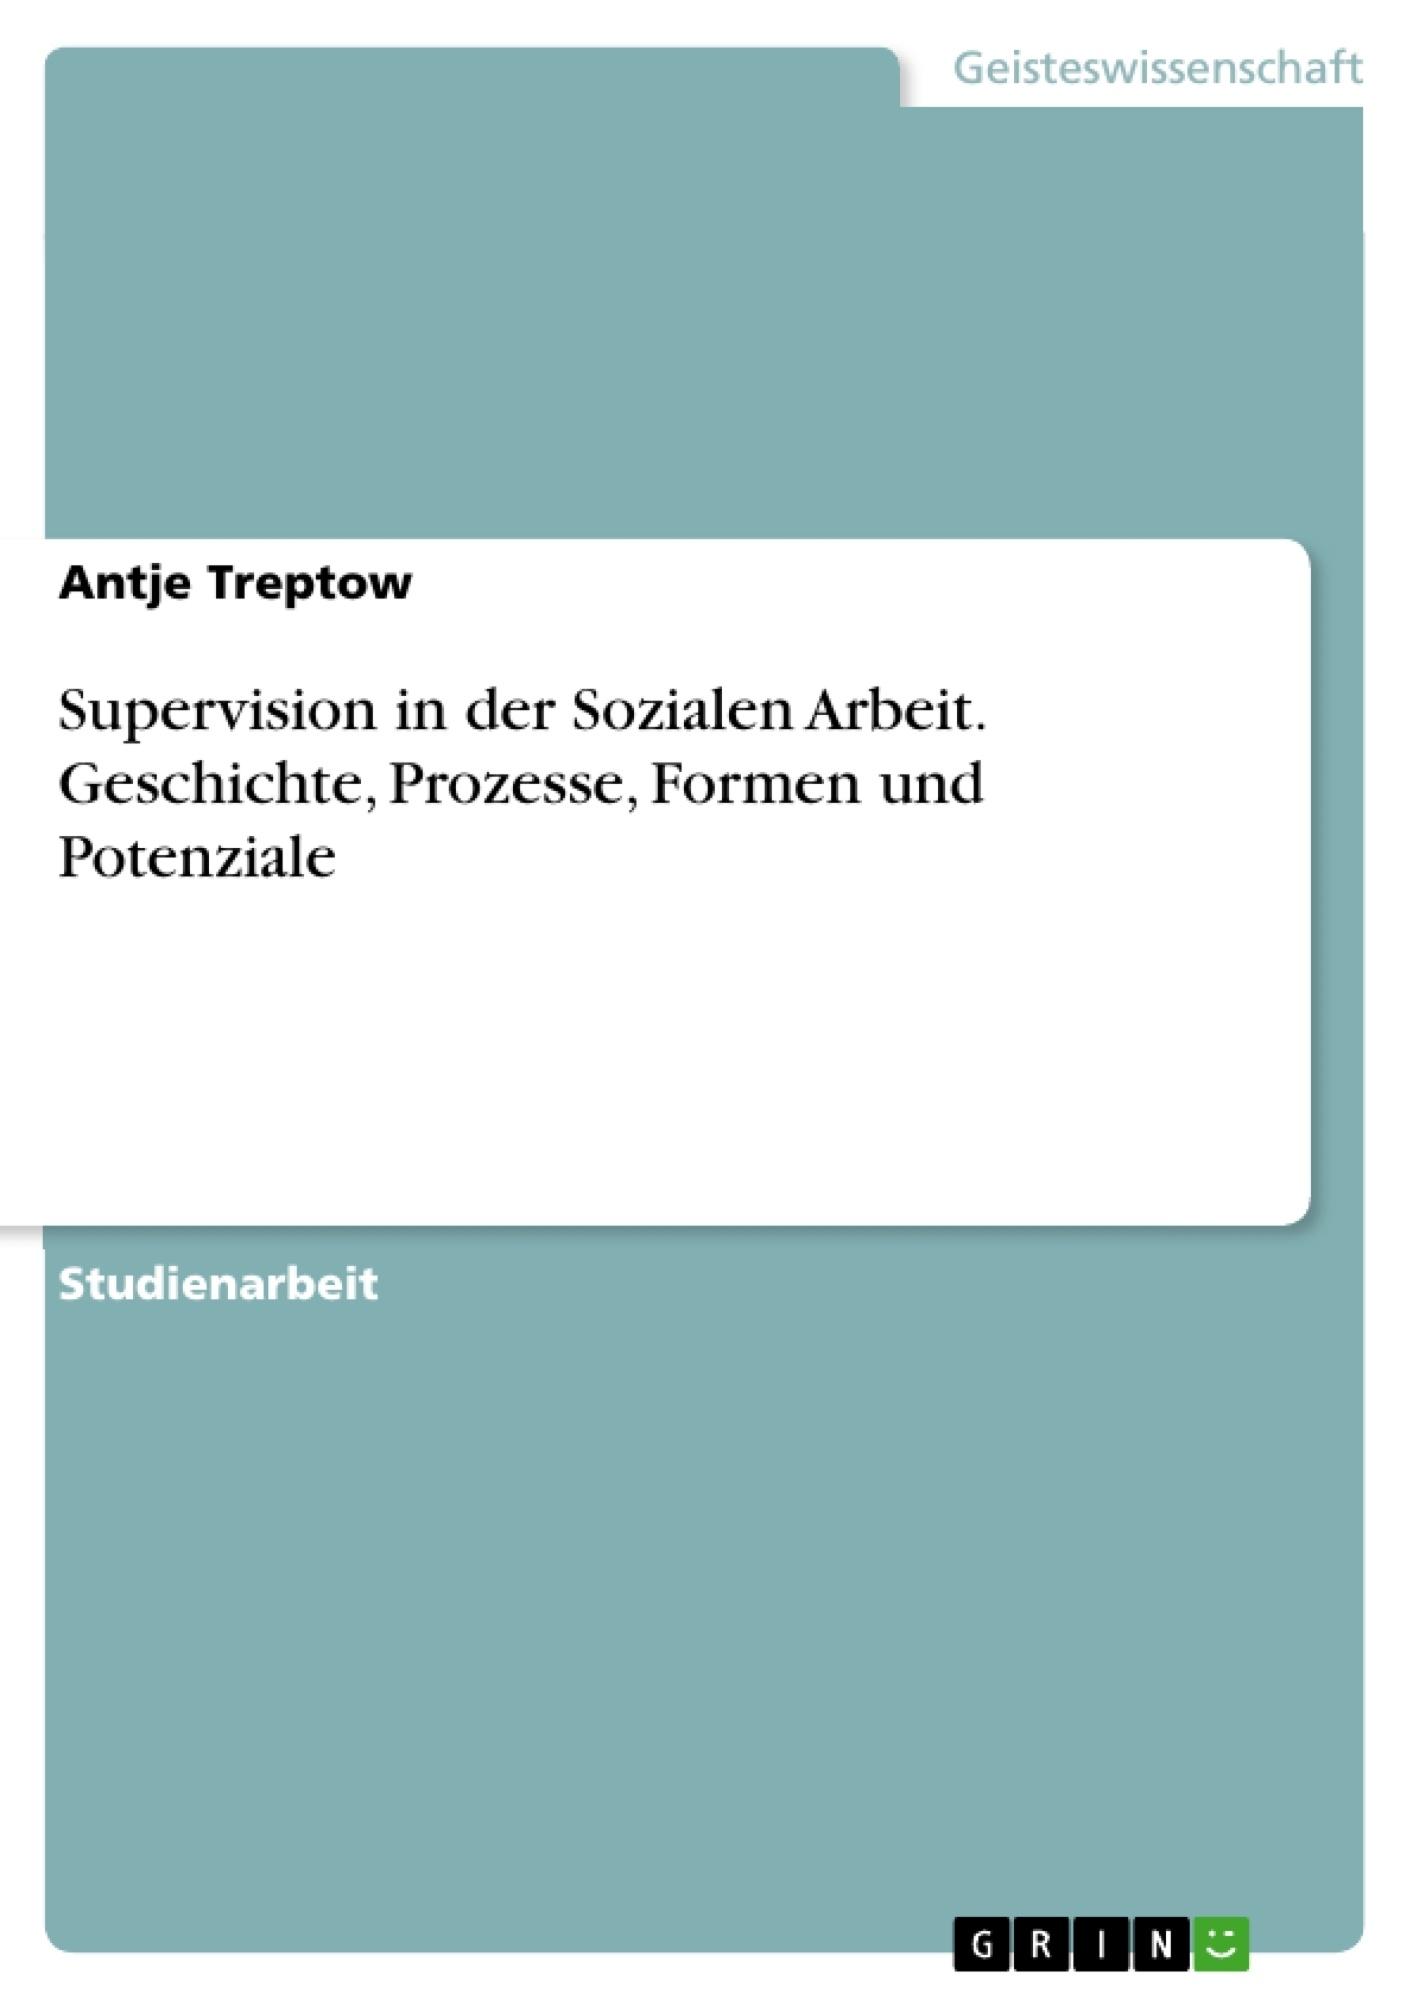 Titel: Supervision in der Sozialen Arbeit. Geschichte, Prozesse, Formen und Potenziale